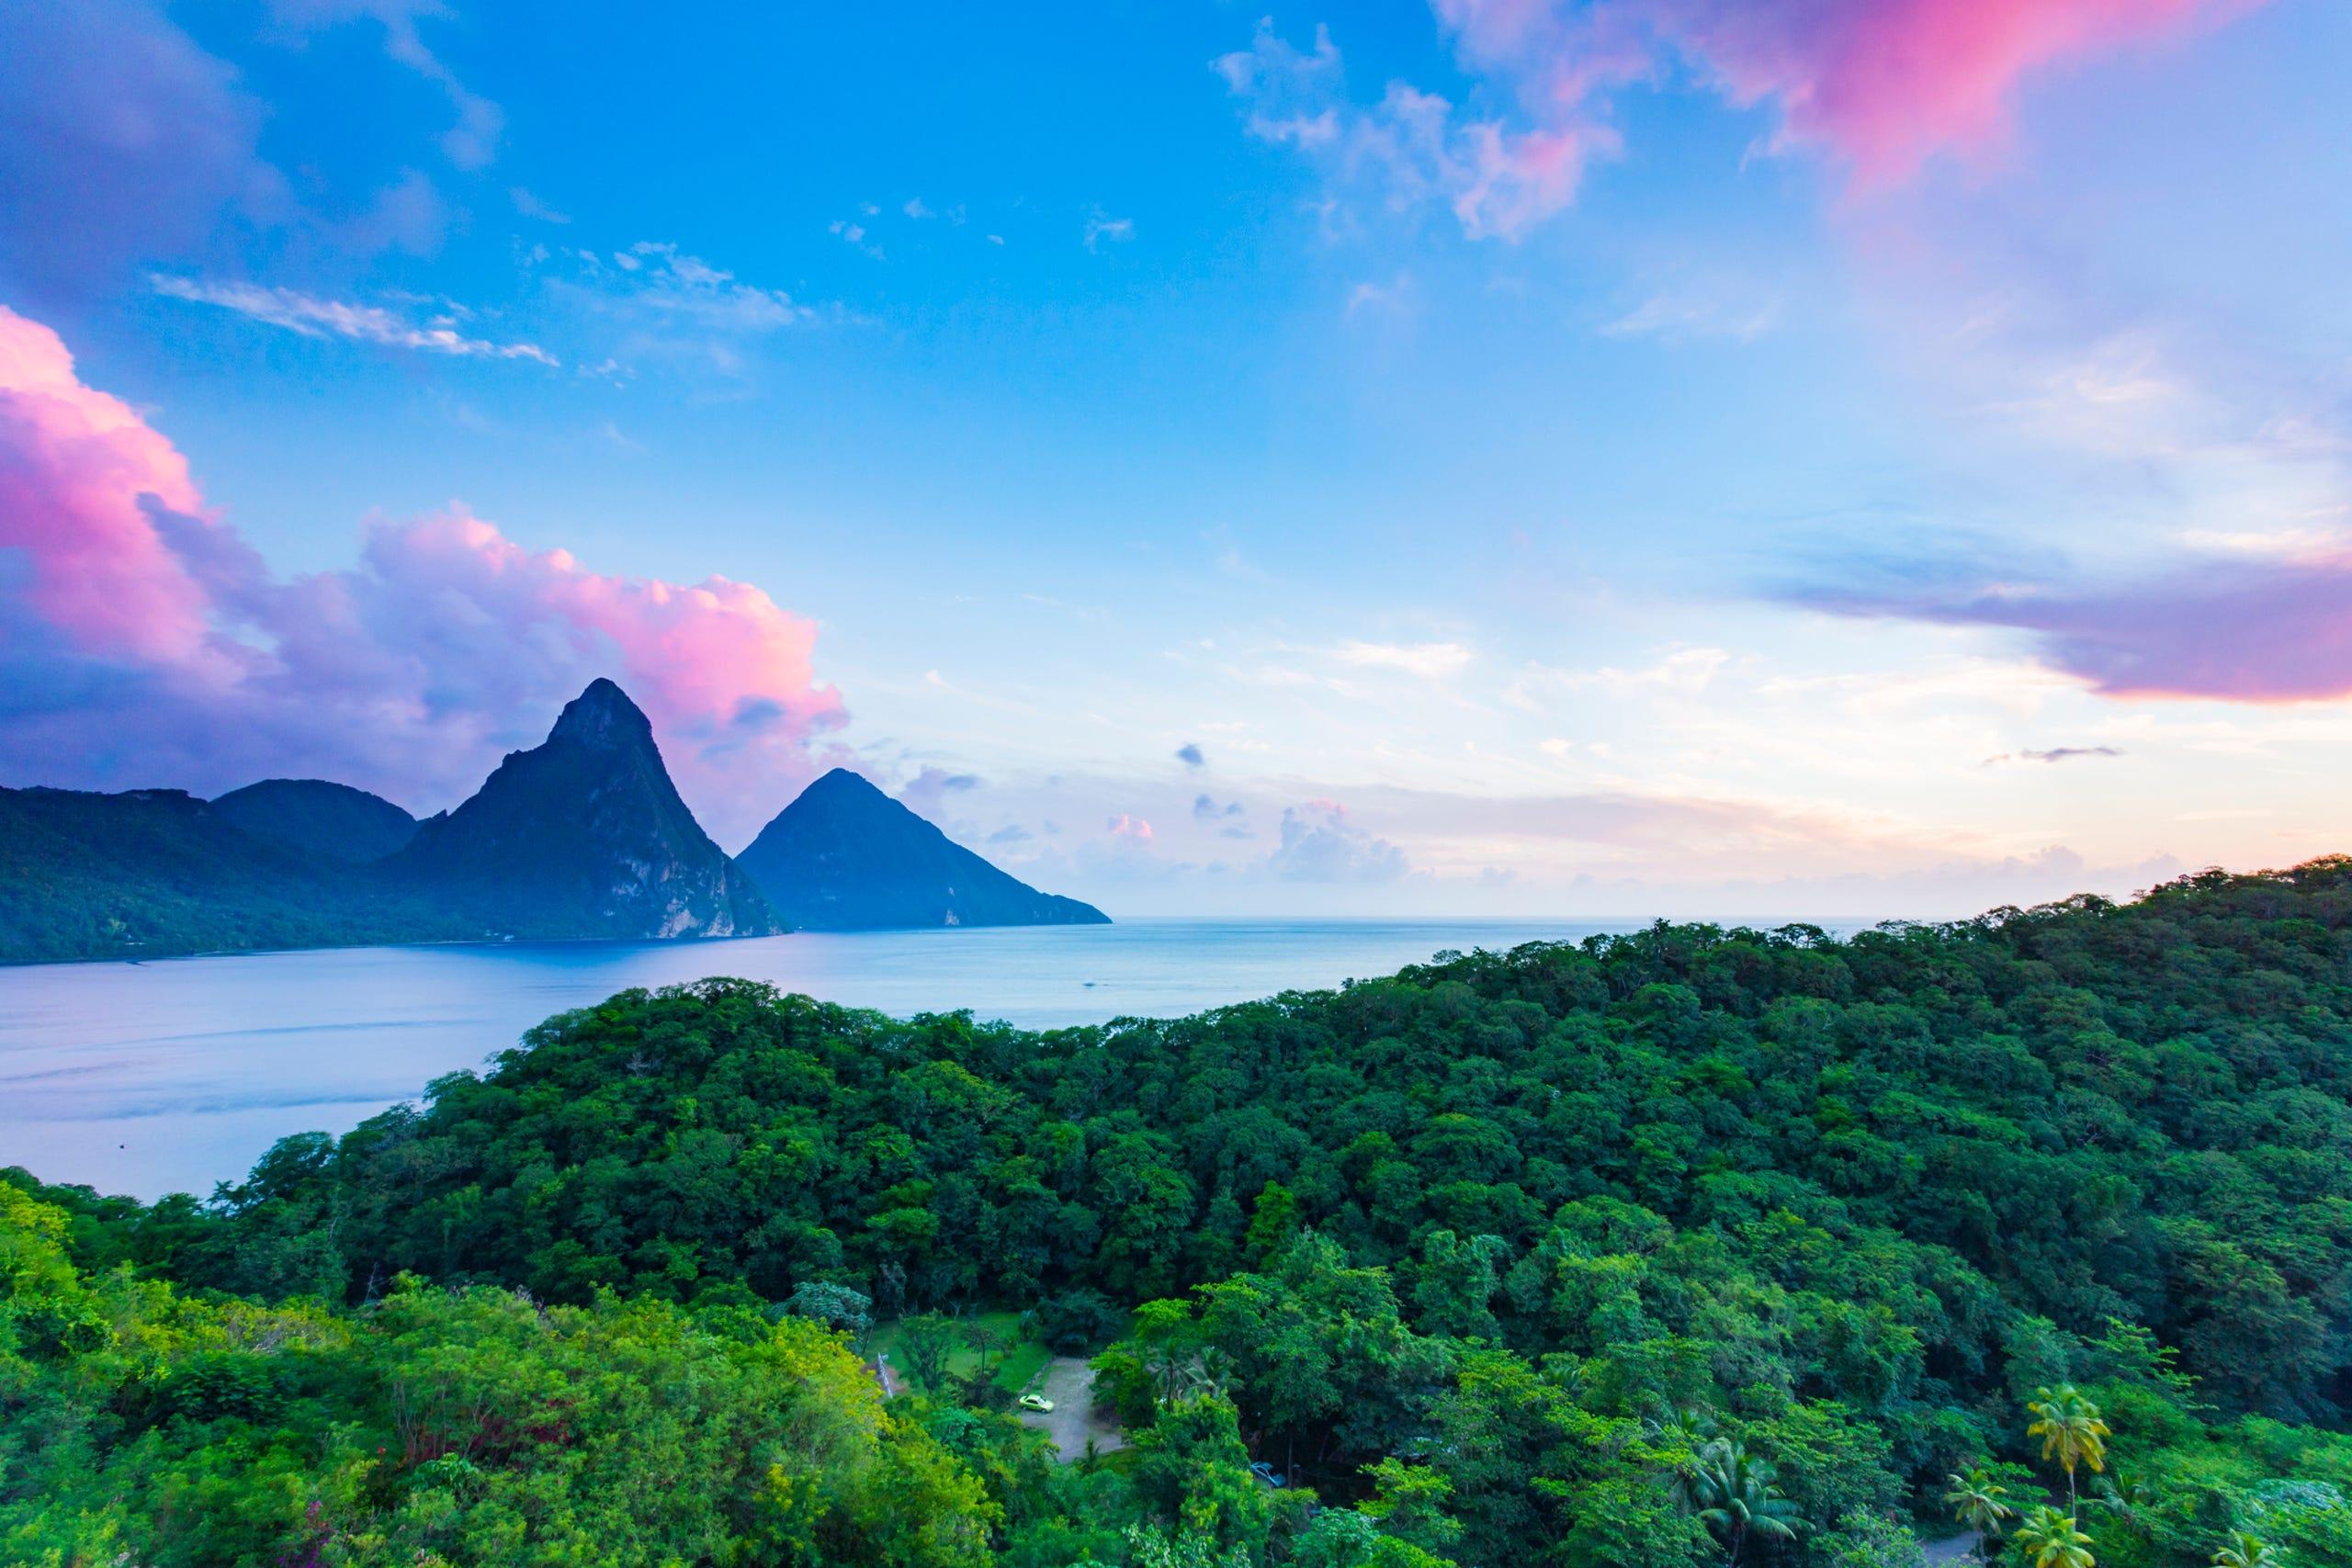 Best Honeymoon Destinations 2020.Best Honeymoon Spots Per U S News From St Lucia To